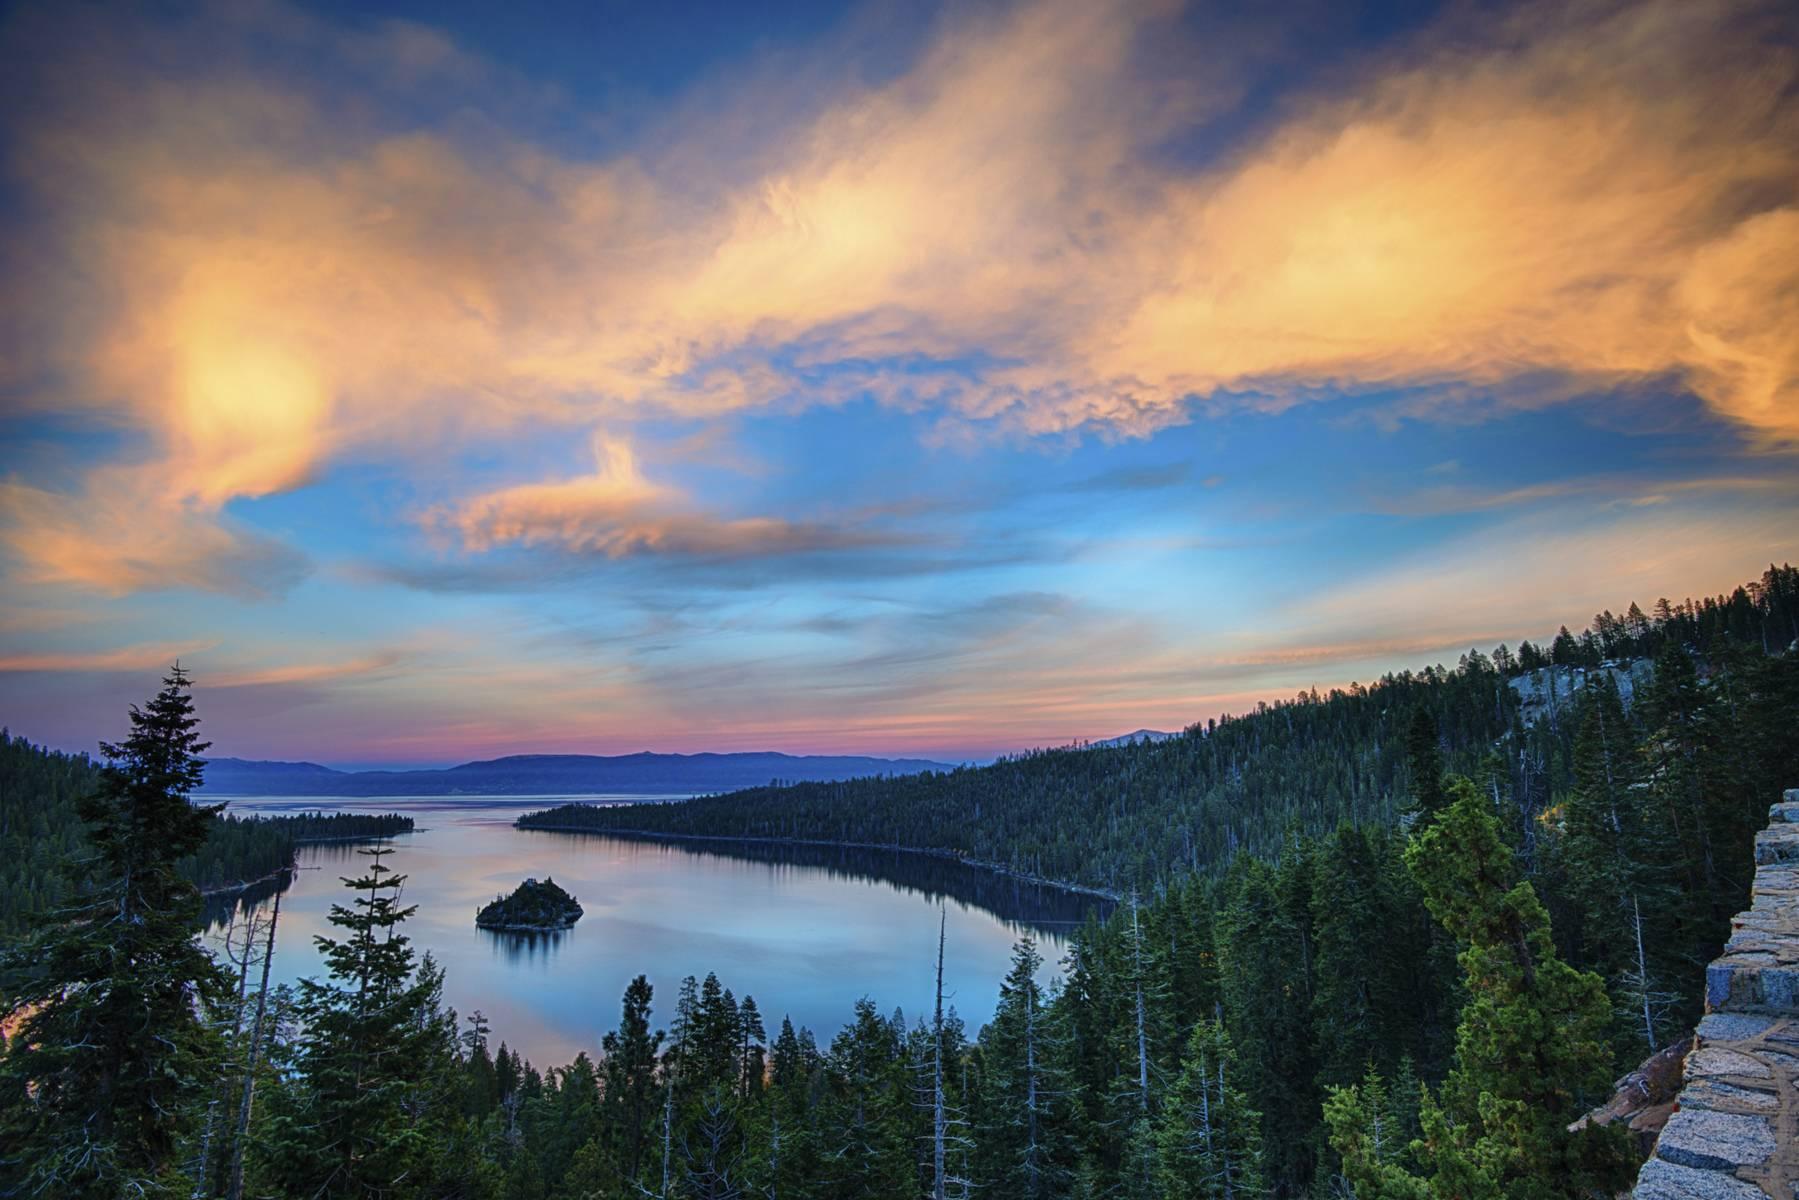 4-Day Lake Tahoe, San Francisco & Yosemite National Park Bus Tour